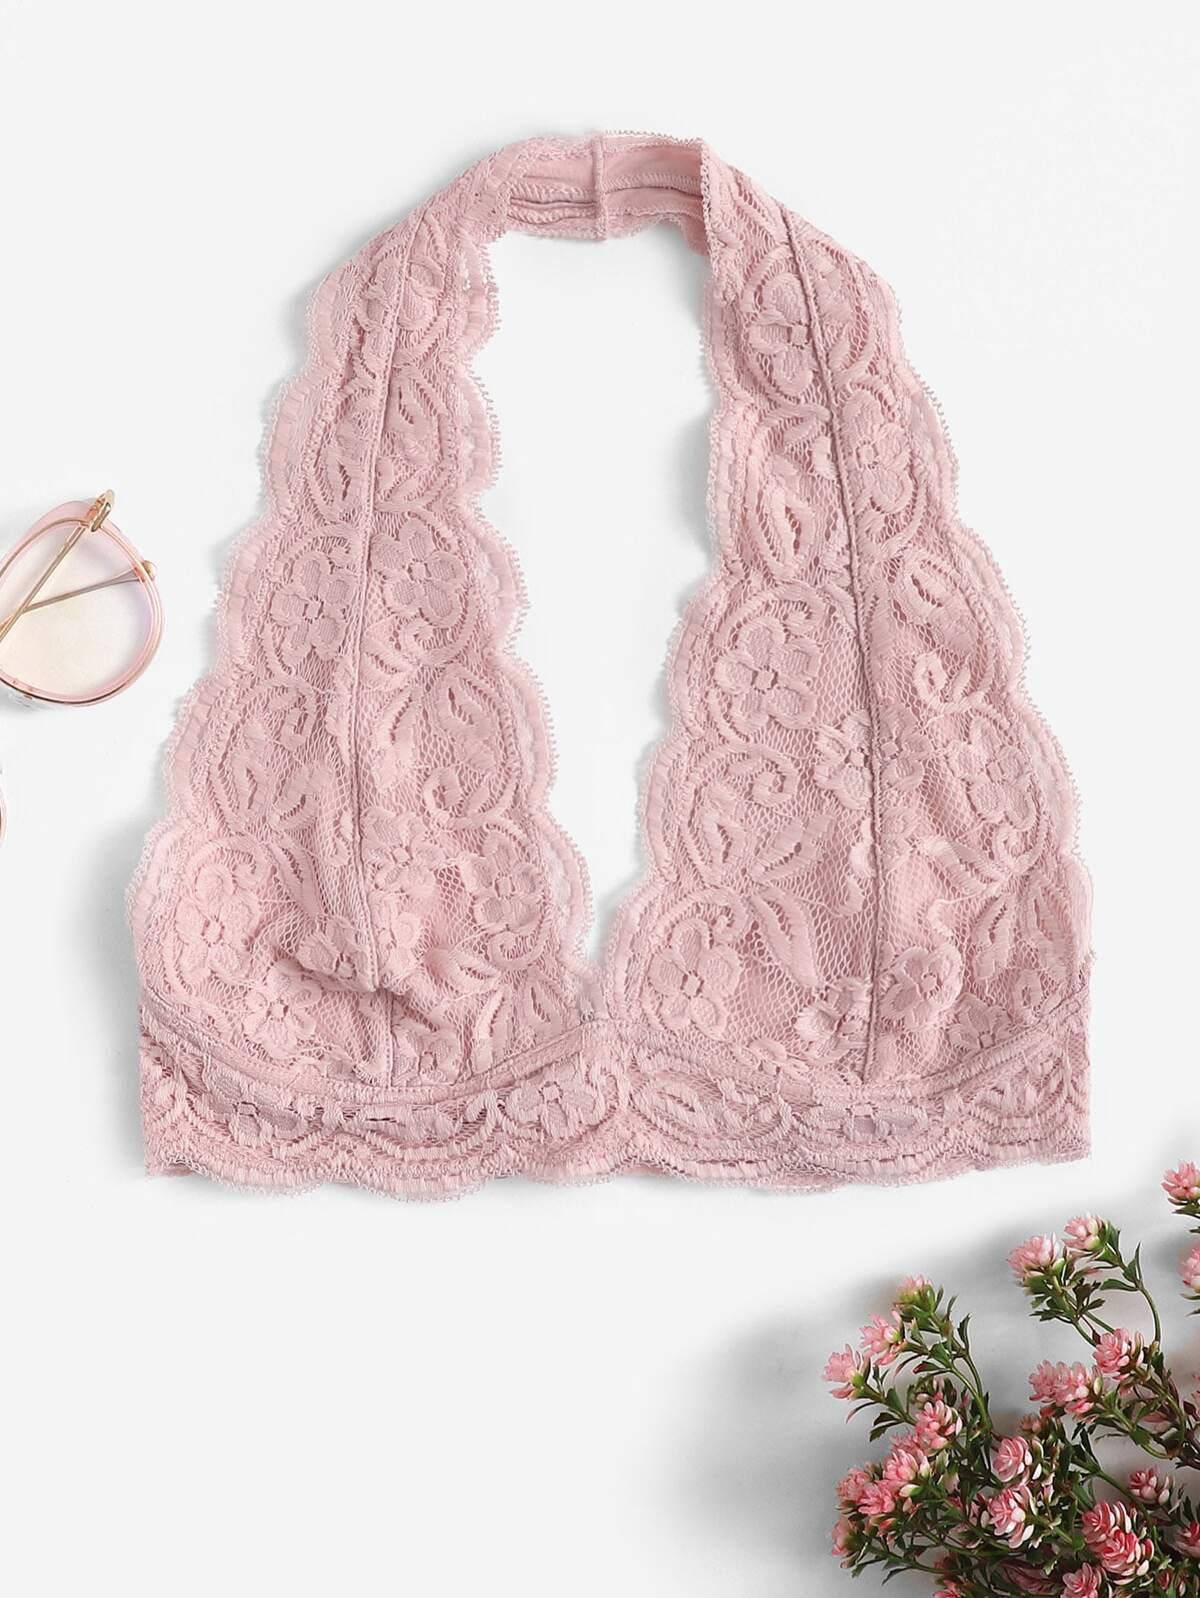 扇形 裝飾 花樣蕾絲 繞頸 無襯胸罩